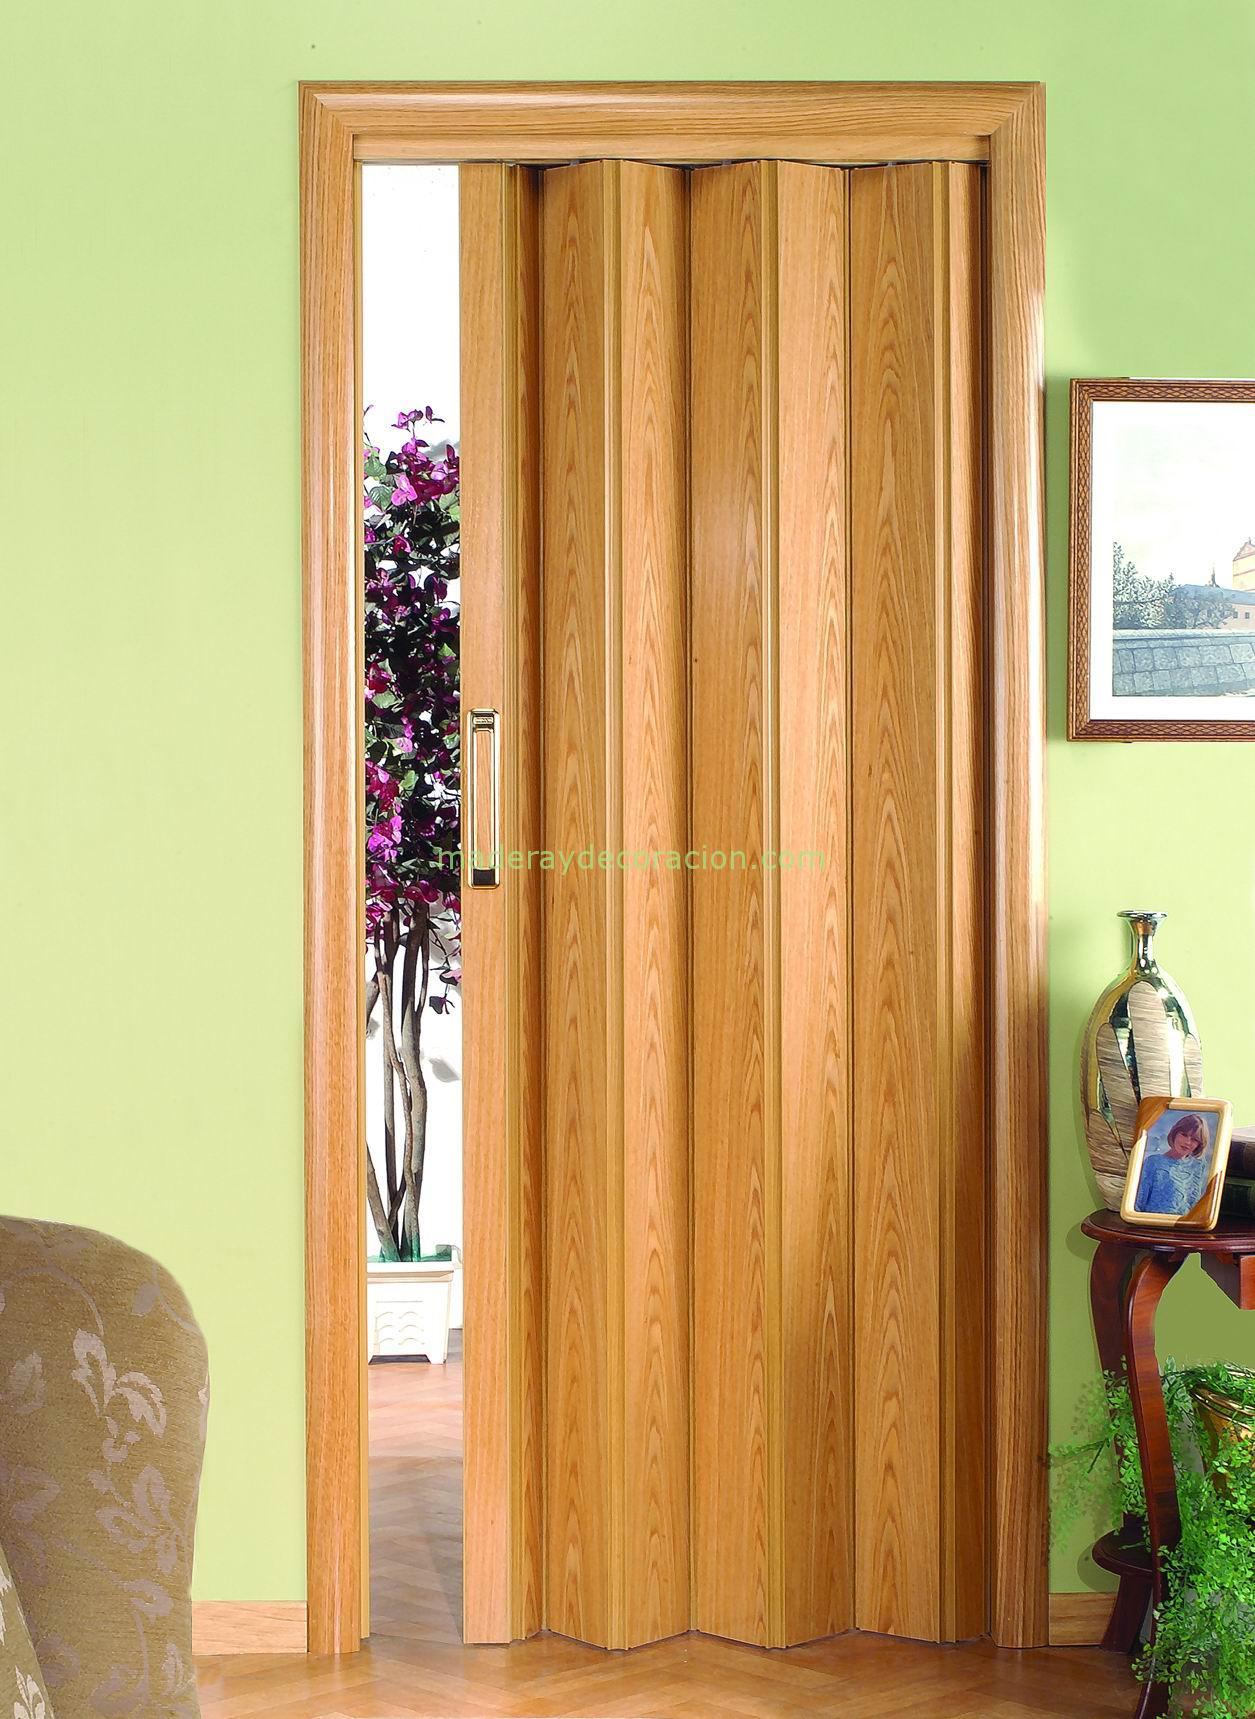 Puertas plegables a medida de madera y pvc Puertas en madera precios